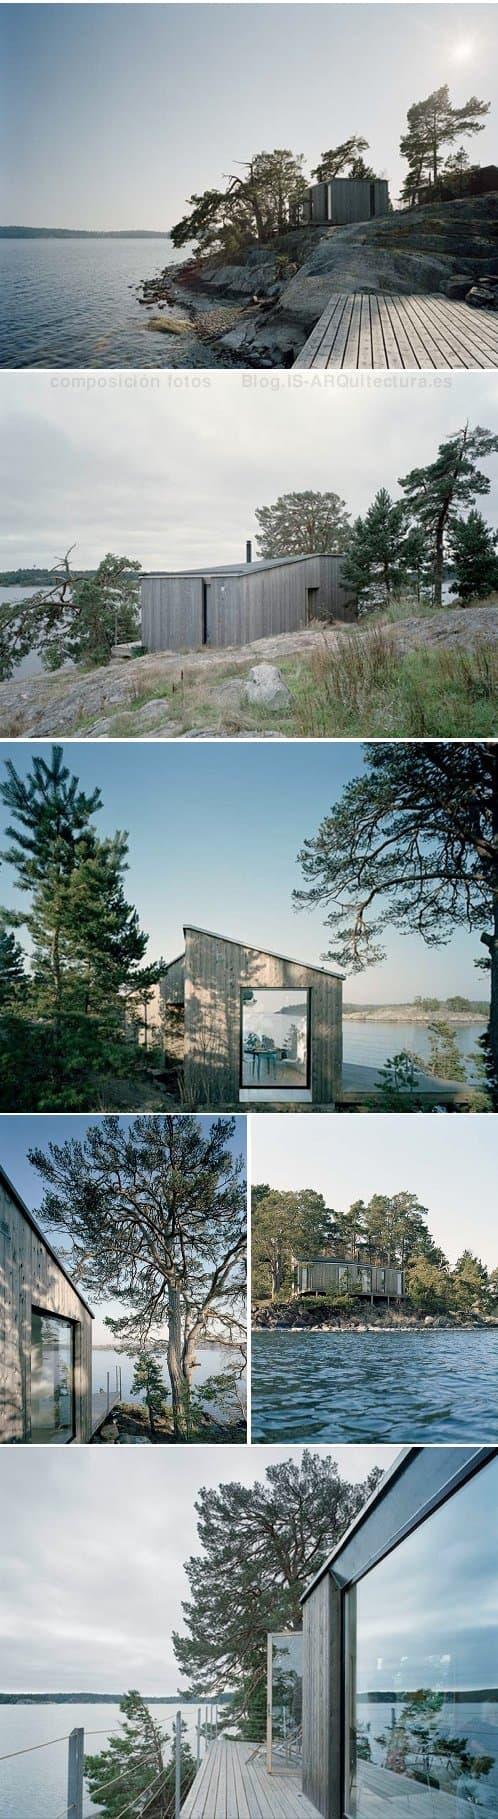 krakmora_holmar-refugio-sueco-veraneo fotos del exterior